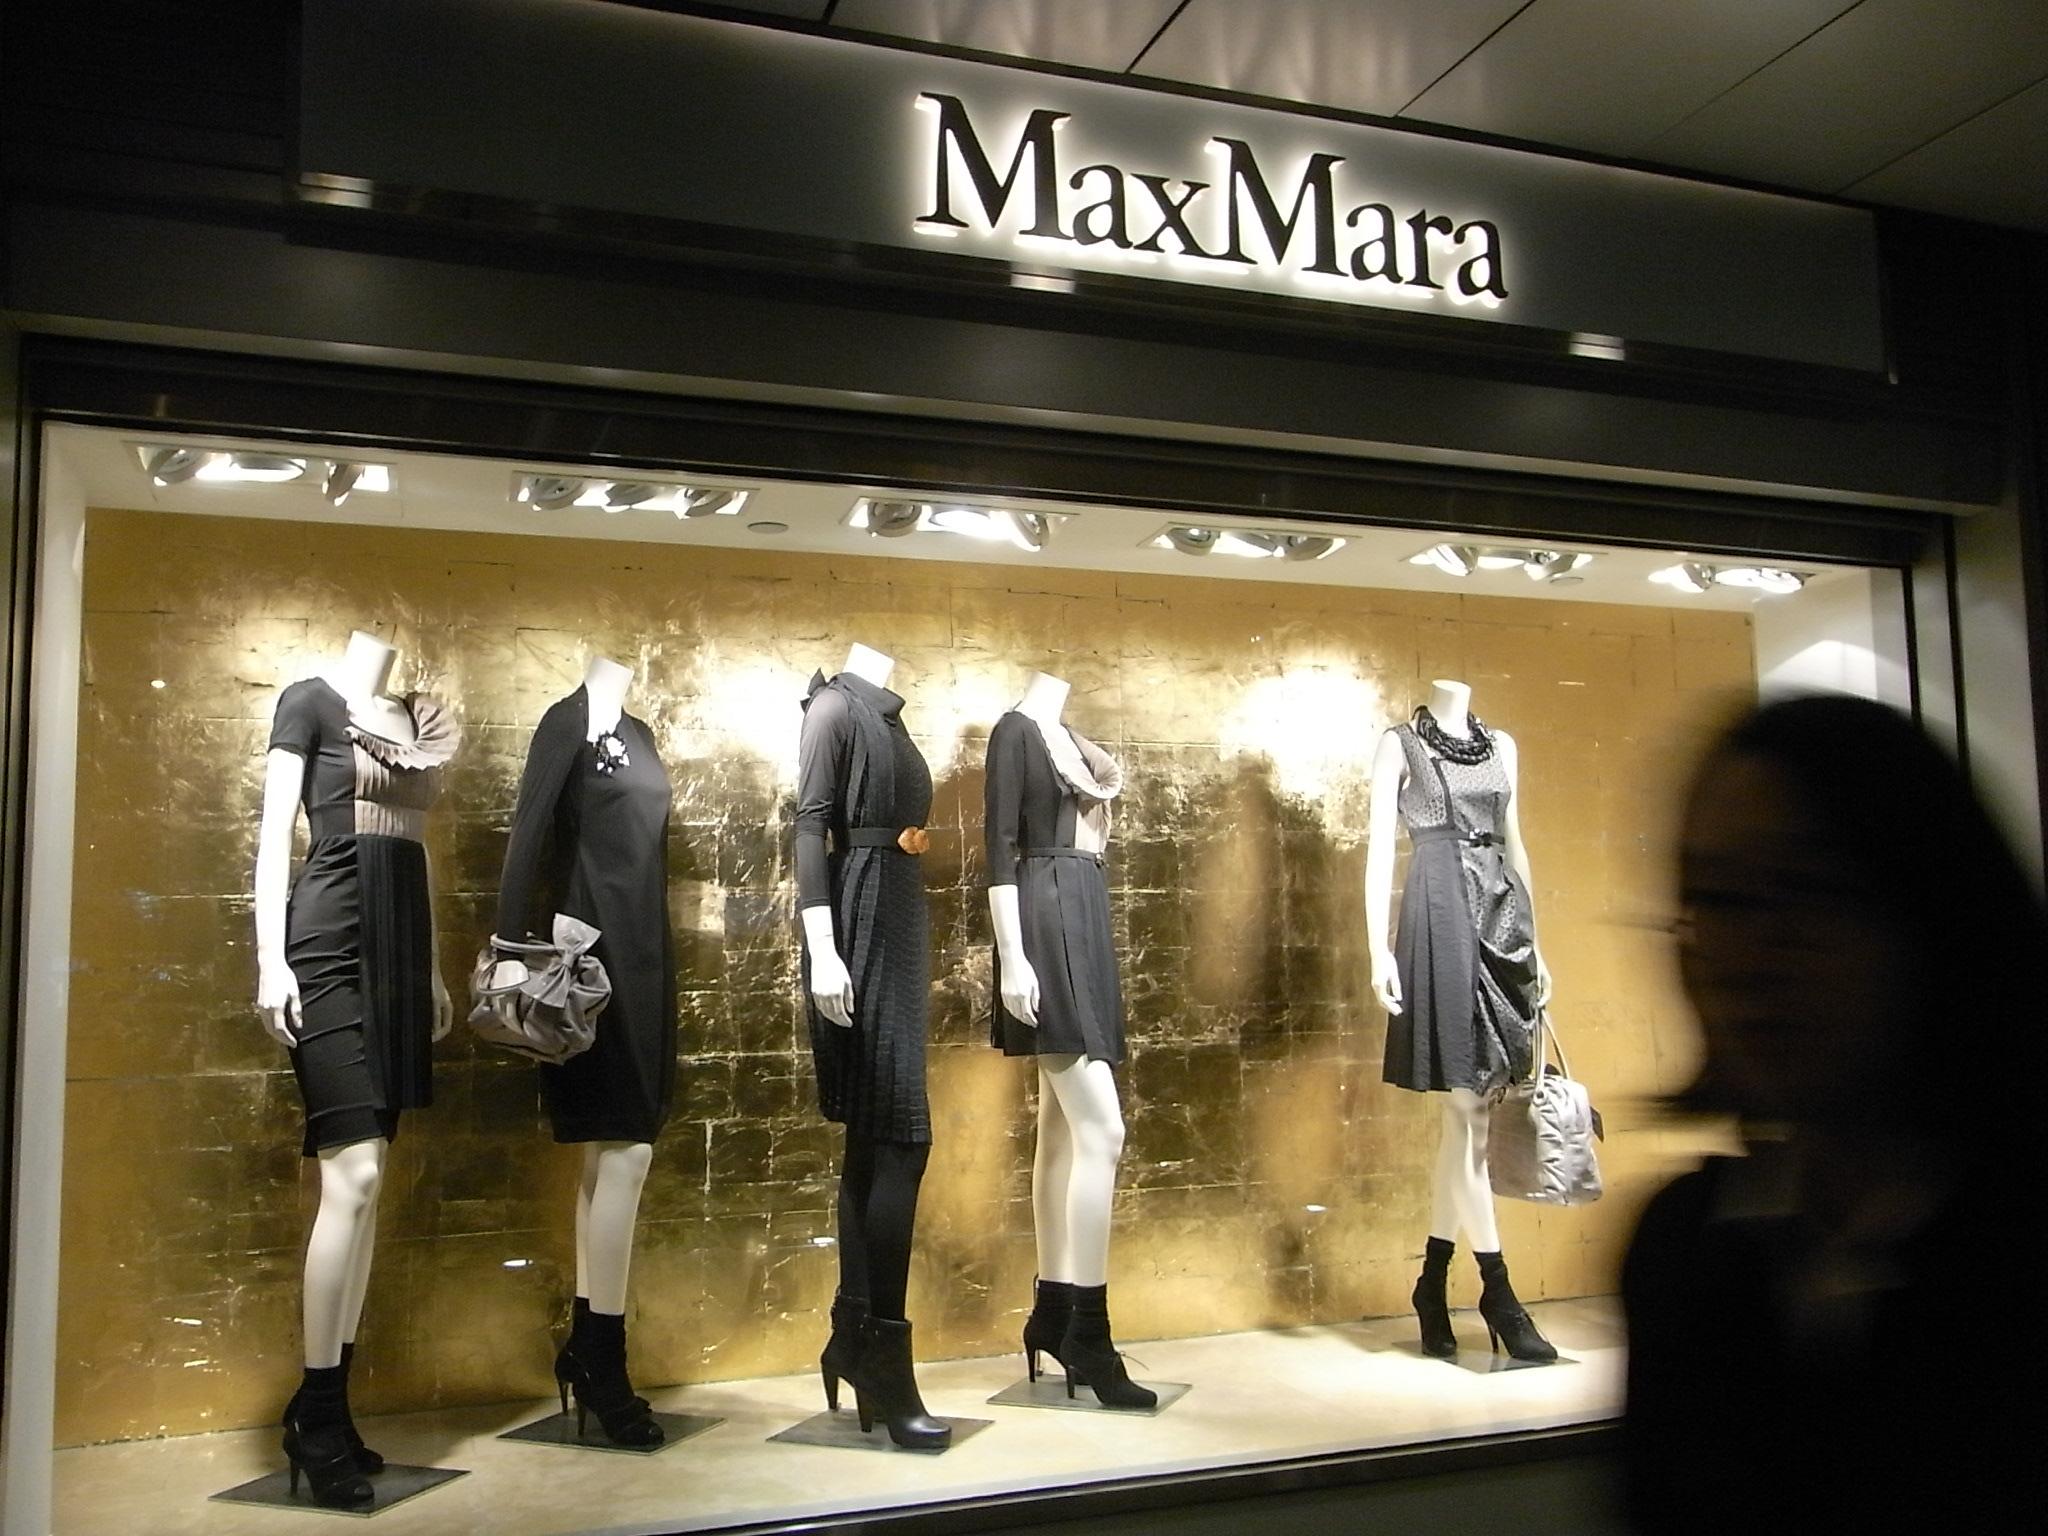 بالصور محلات ملابس , اجدد اماكن لبيع الملابس 3274 12